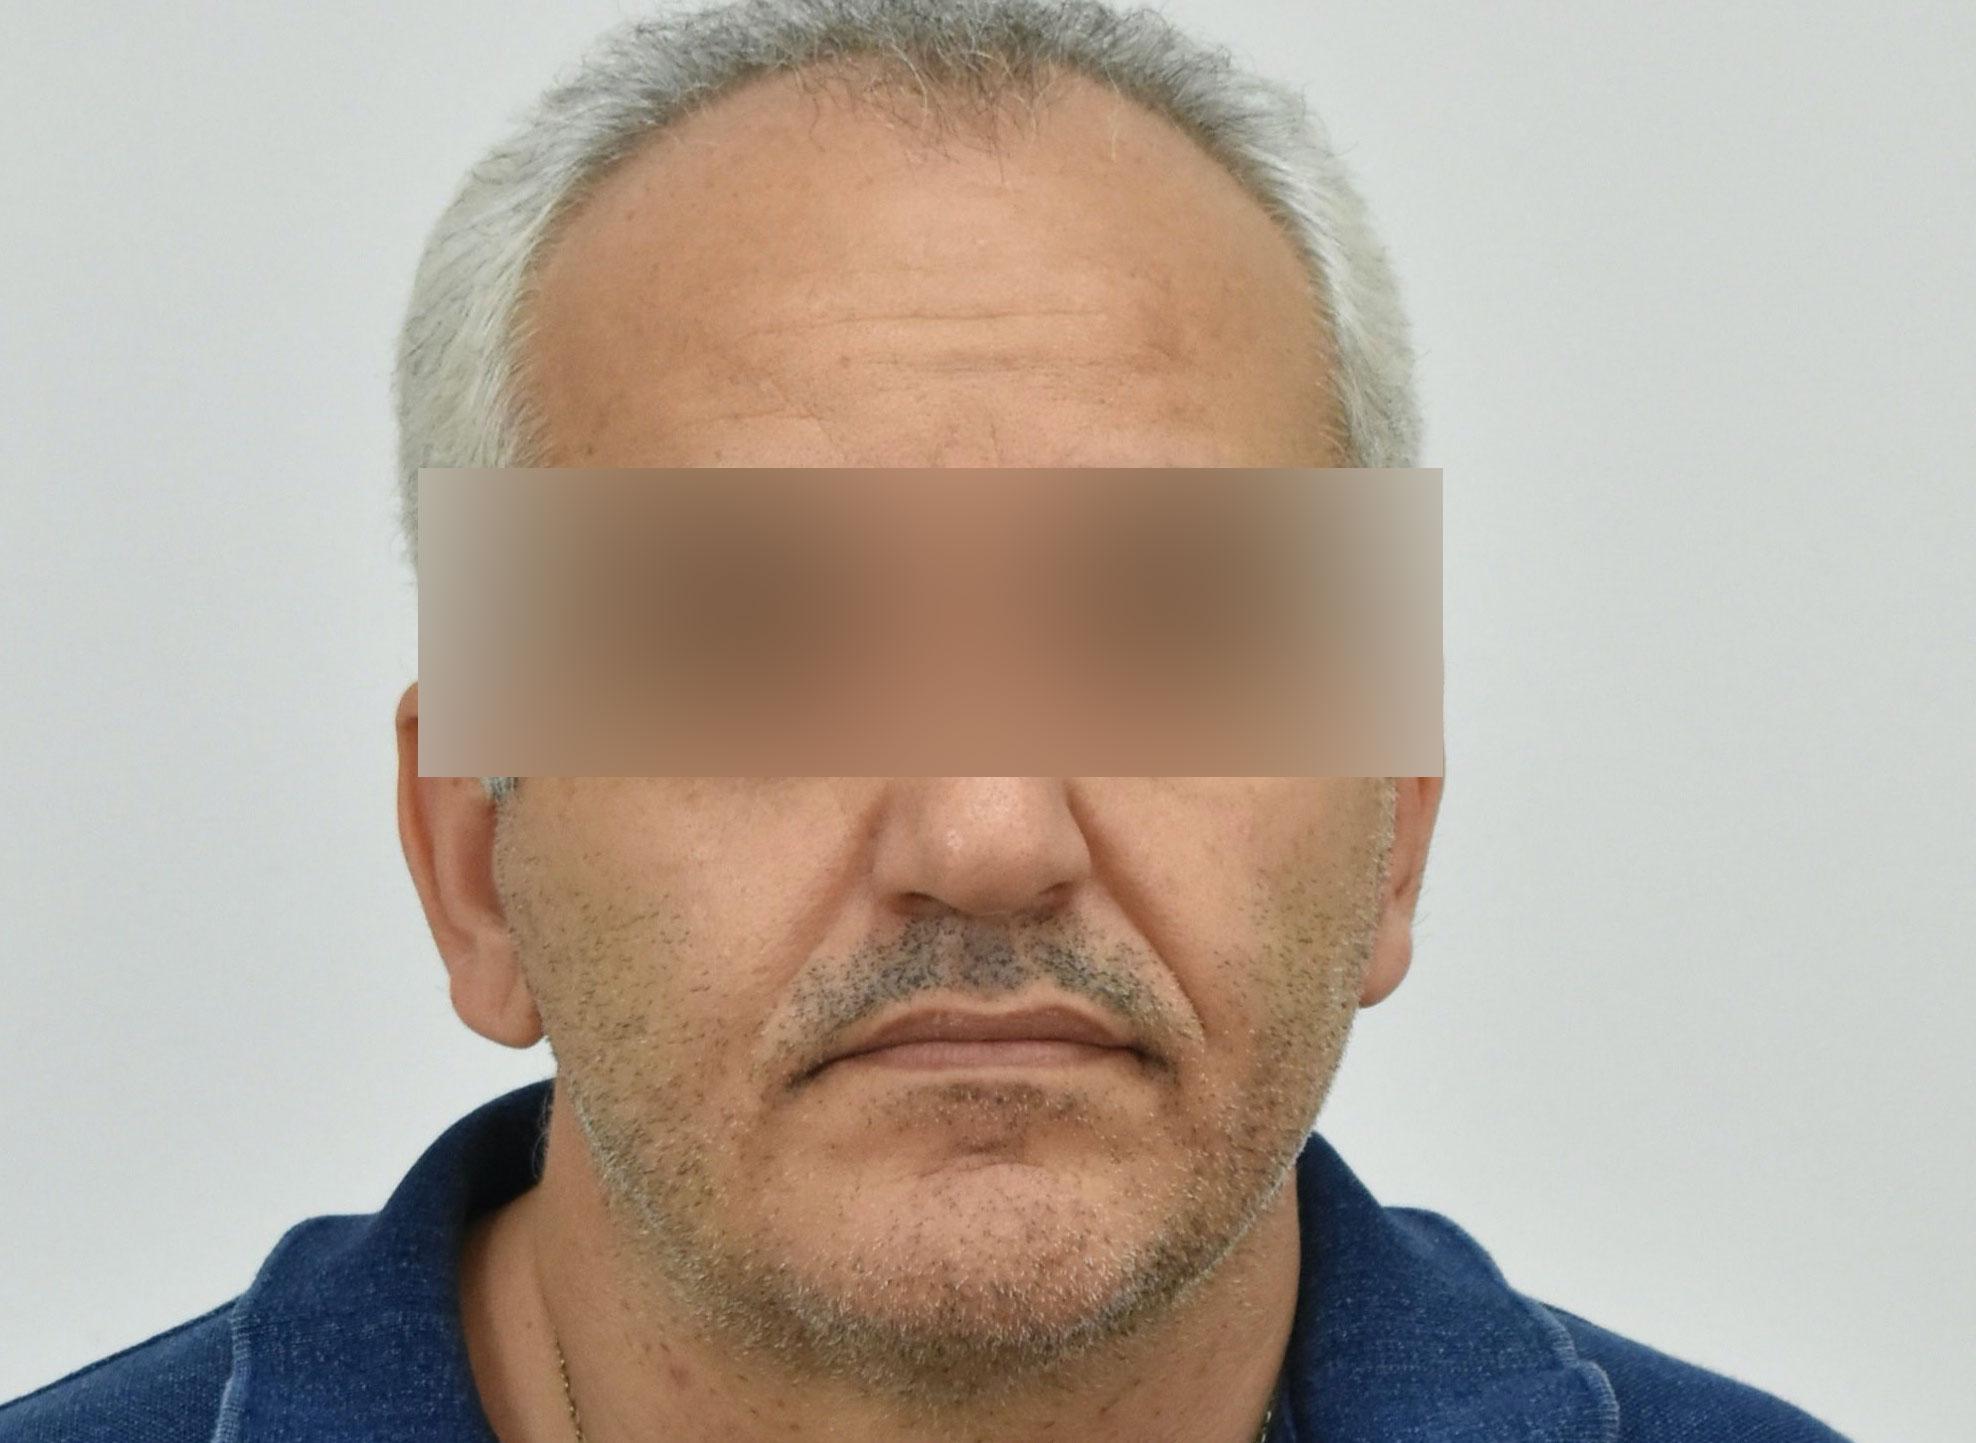 Σε δίκη ο ψευτογιατρός για 12 θανάτους καρκινοπαθών και 14 απόπειρες ανθρωποκτονίας